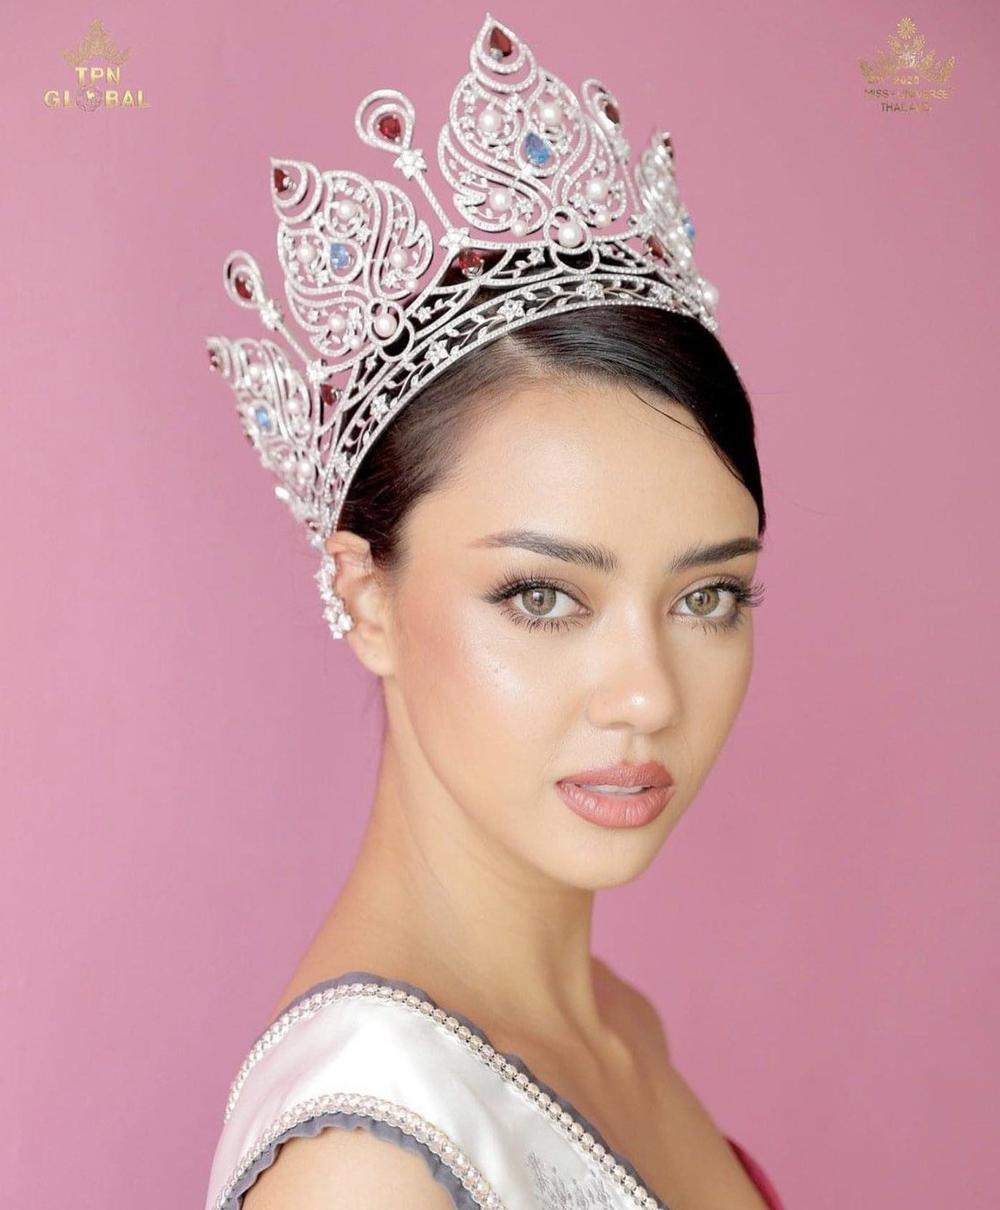 Fan khó hiểu khi Global Beauties tiếp tục đánh rớt Khánh Vân khỏi Top 11 Super tại Miss Universe 2020 Ảnh 4